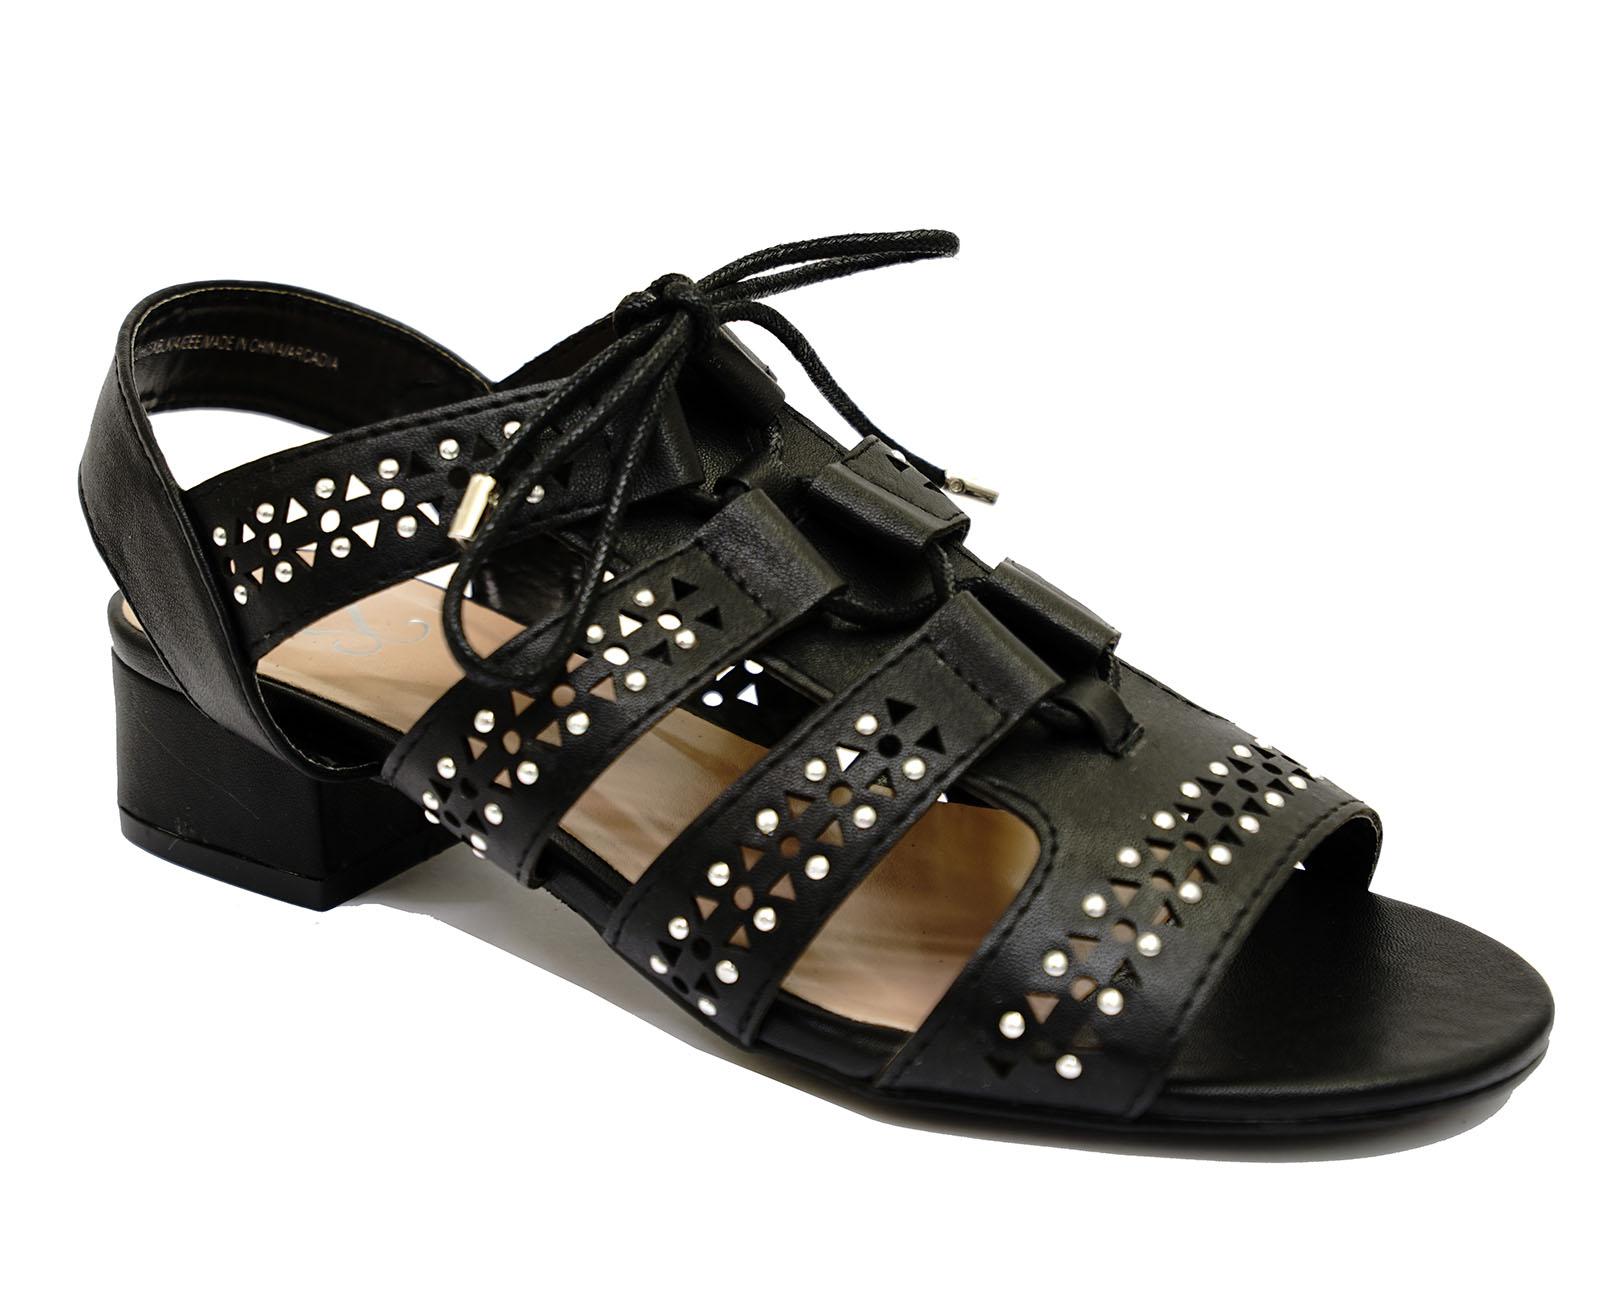 Evans Wedge Ladies Shoes